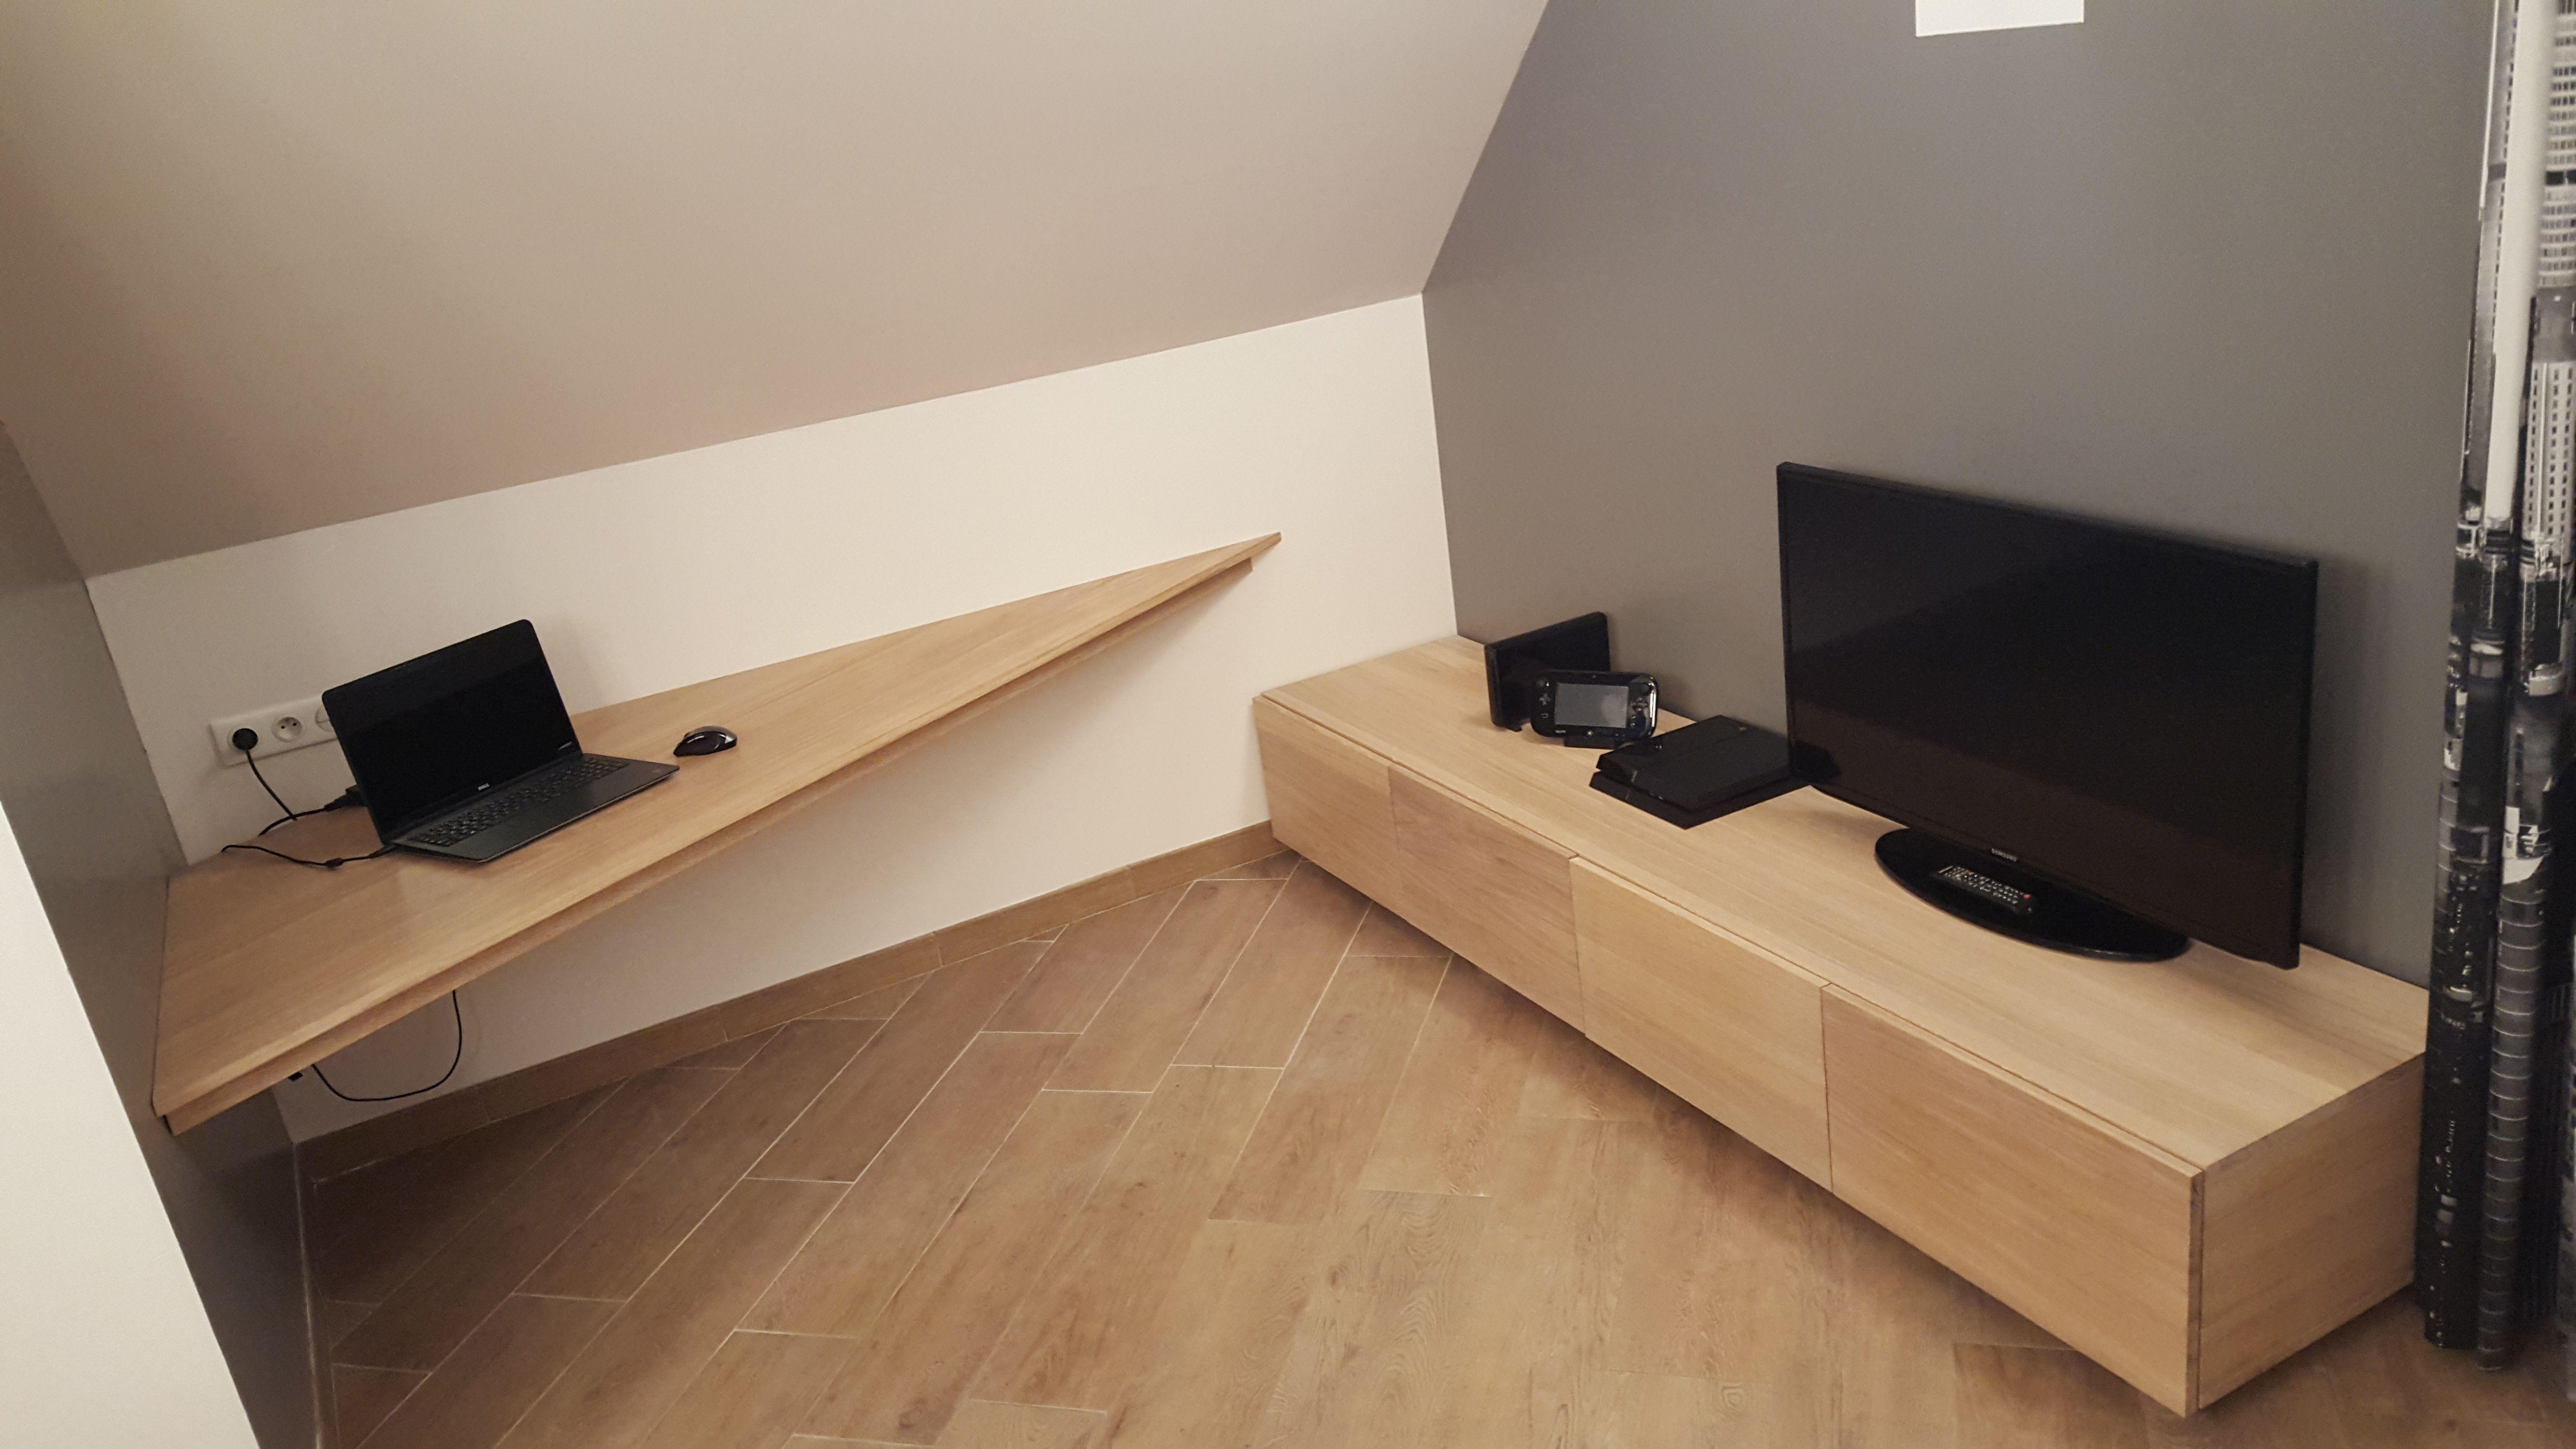 un meuble tv et un bureau sur mesure fabriques a partir de nos panneaux massifs en chene parquet chene massif rangement combles maison